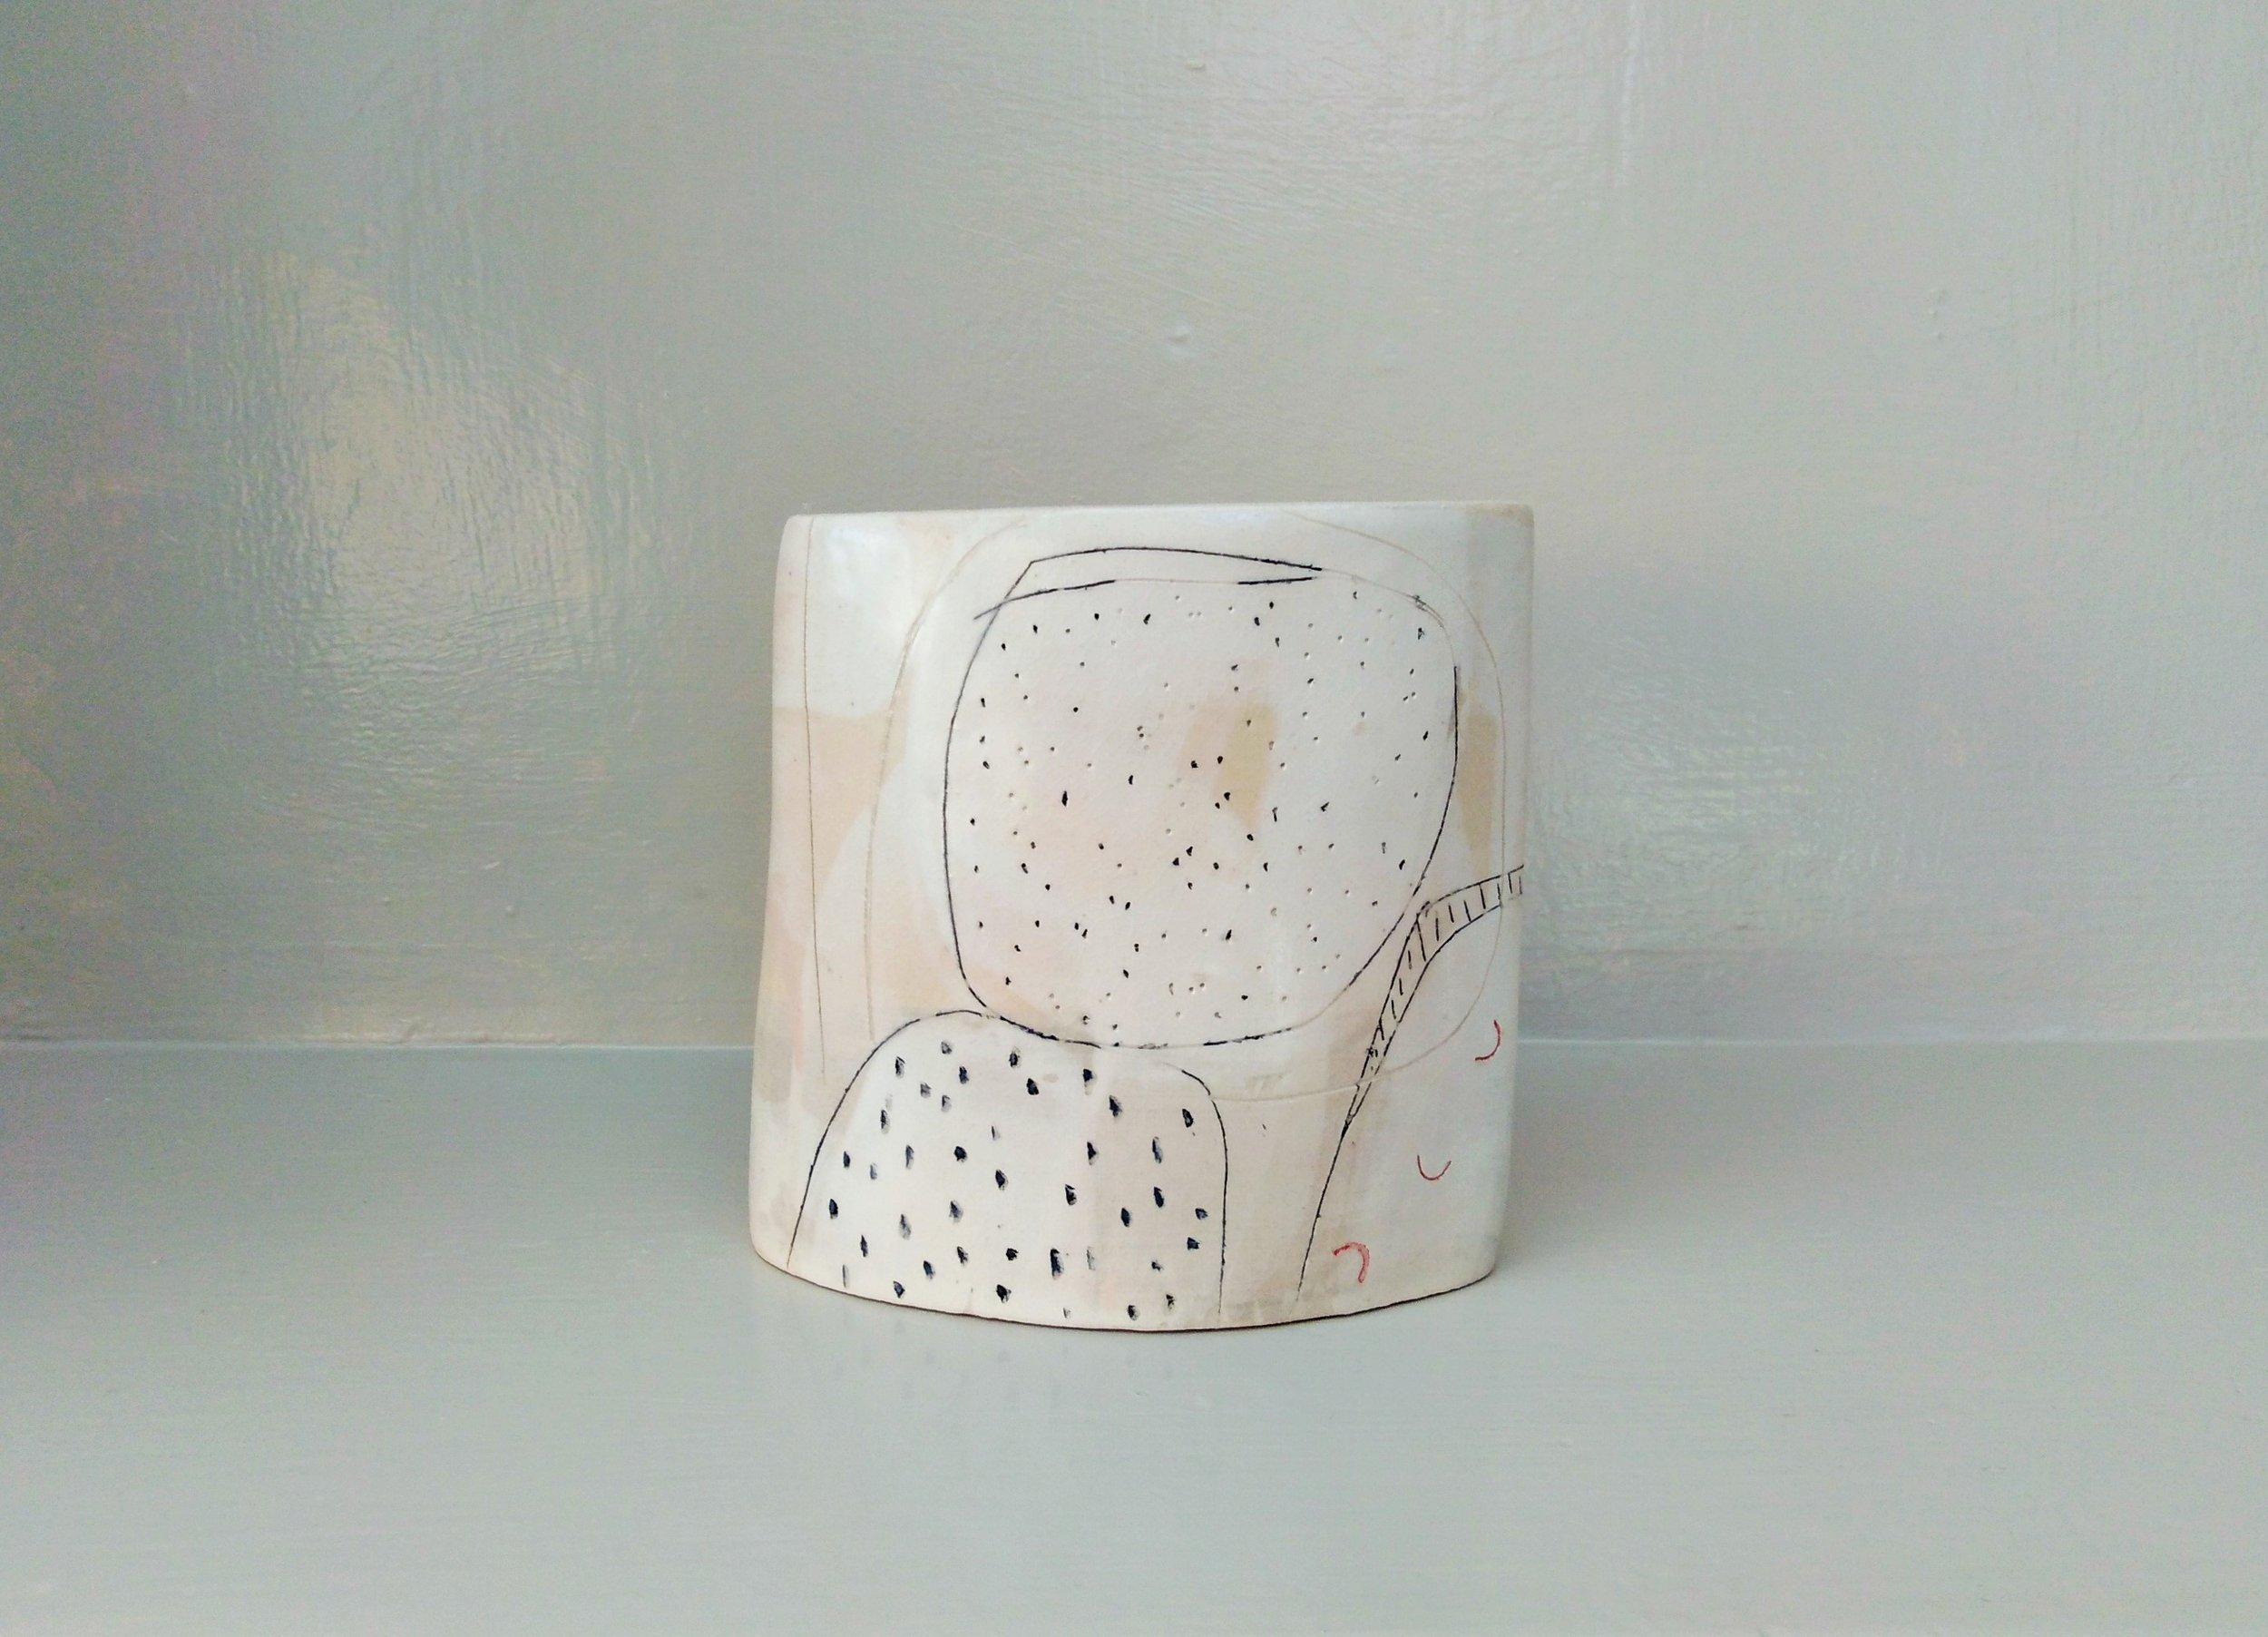 H12cm x W12cm  Ceramic  £62